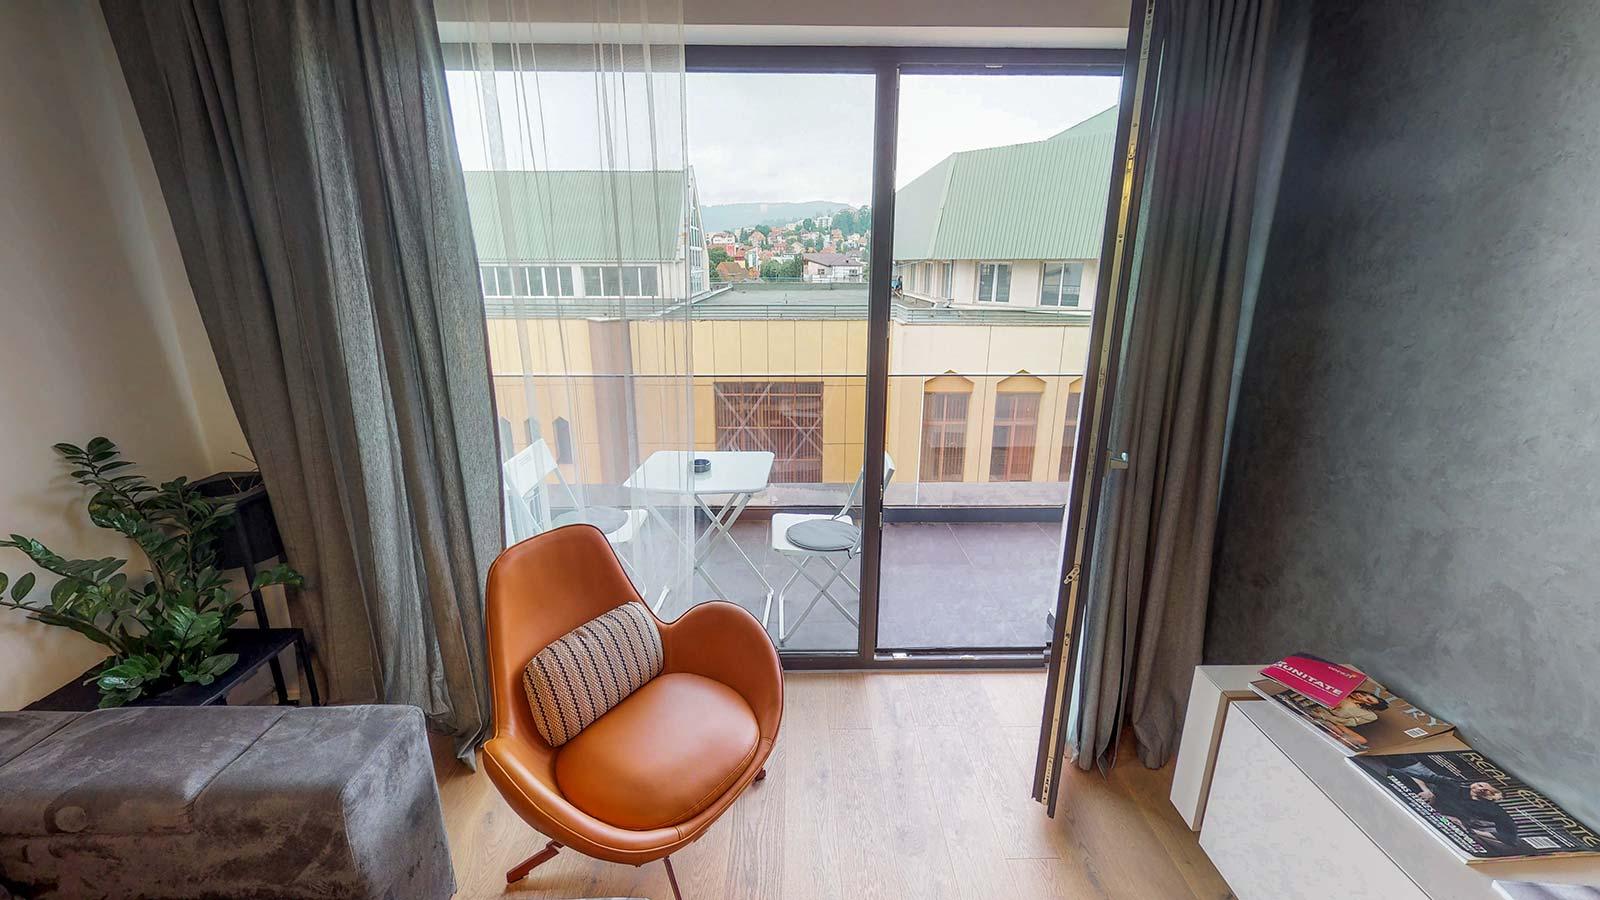 Vedere din sufragerie din care se poate observa balconul pe care este plasată o masă cu 2 scaune